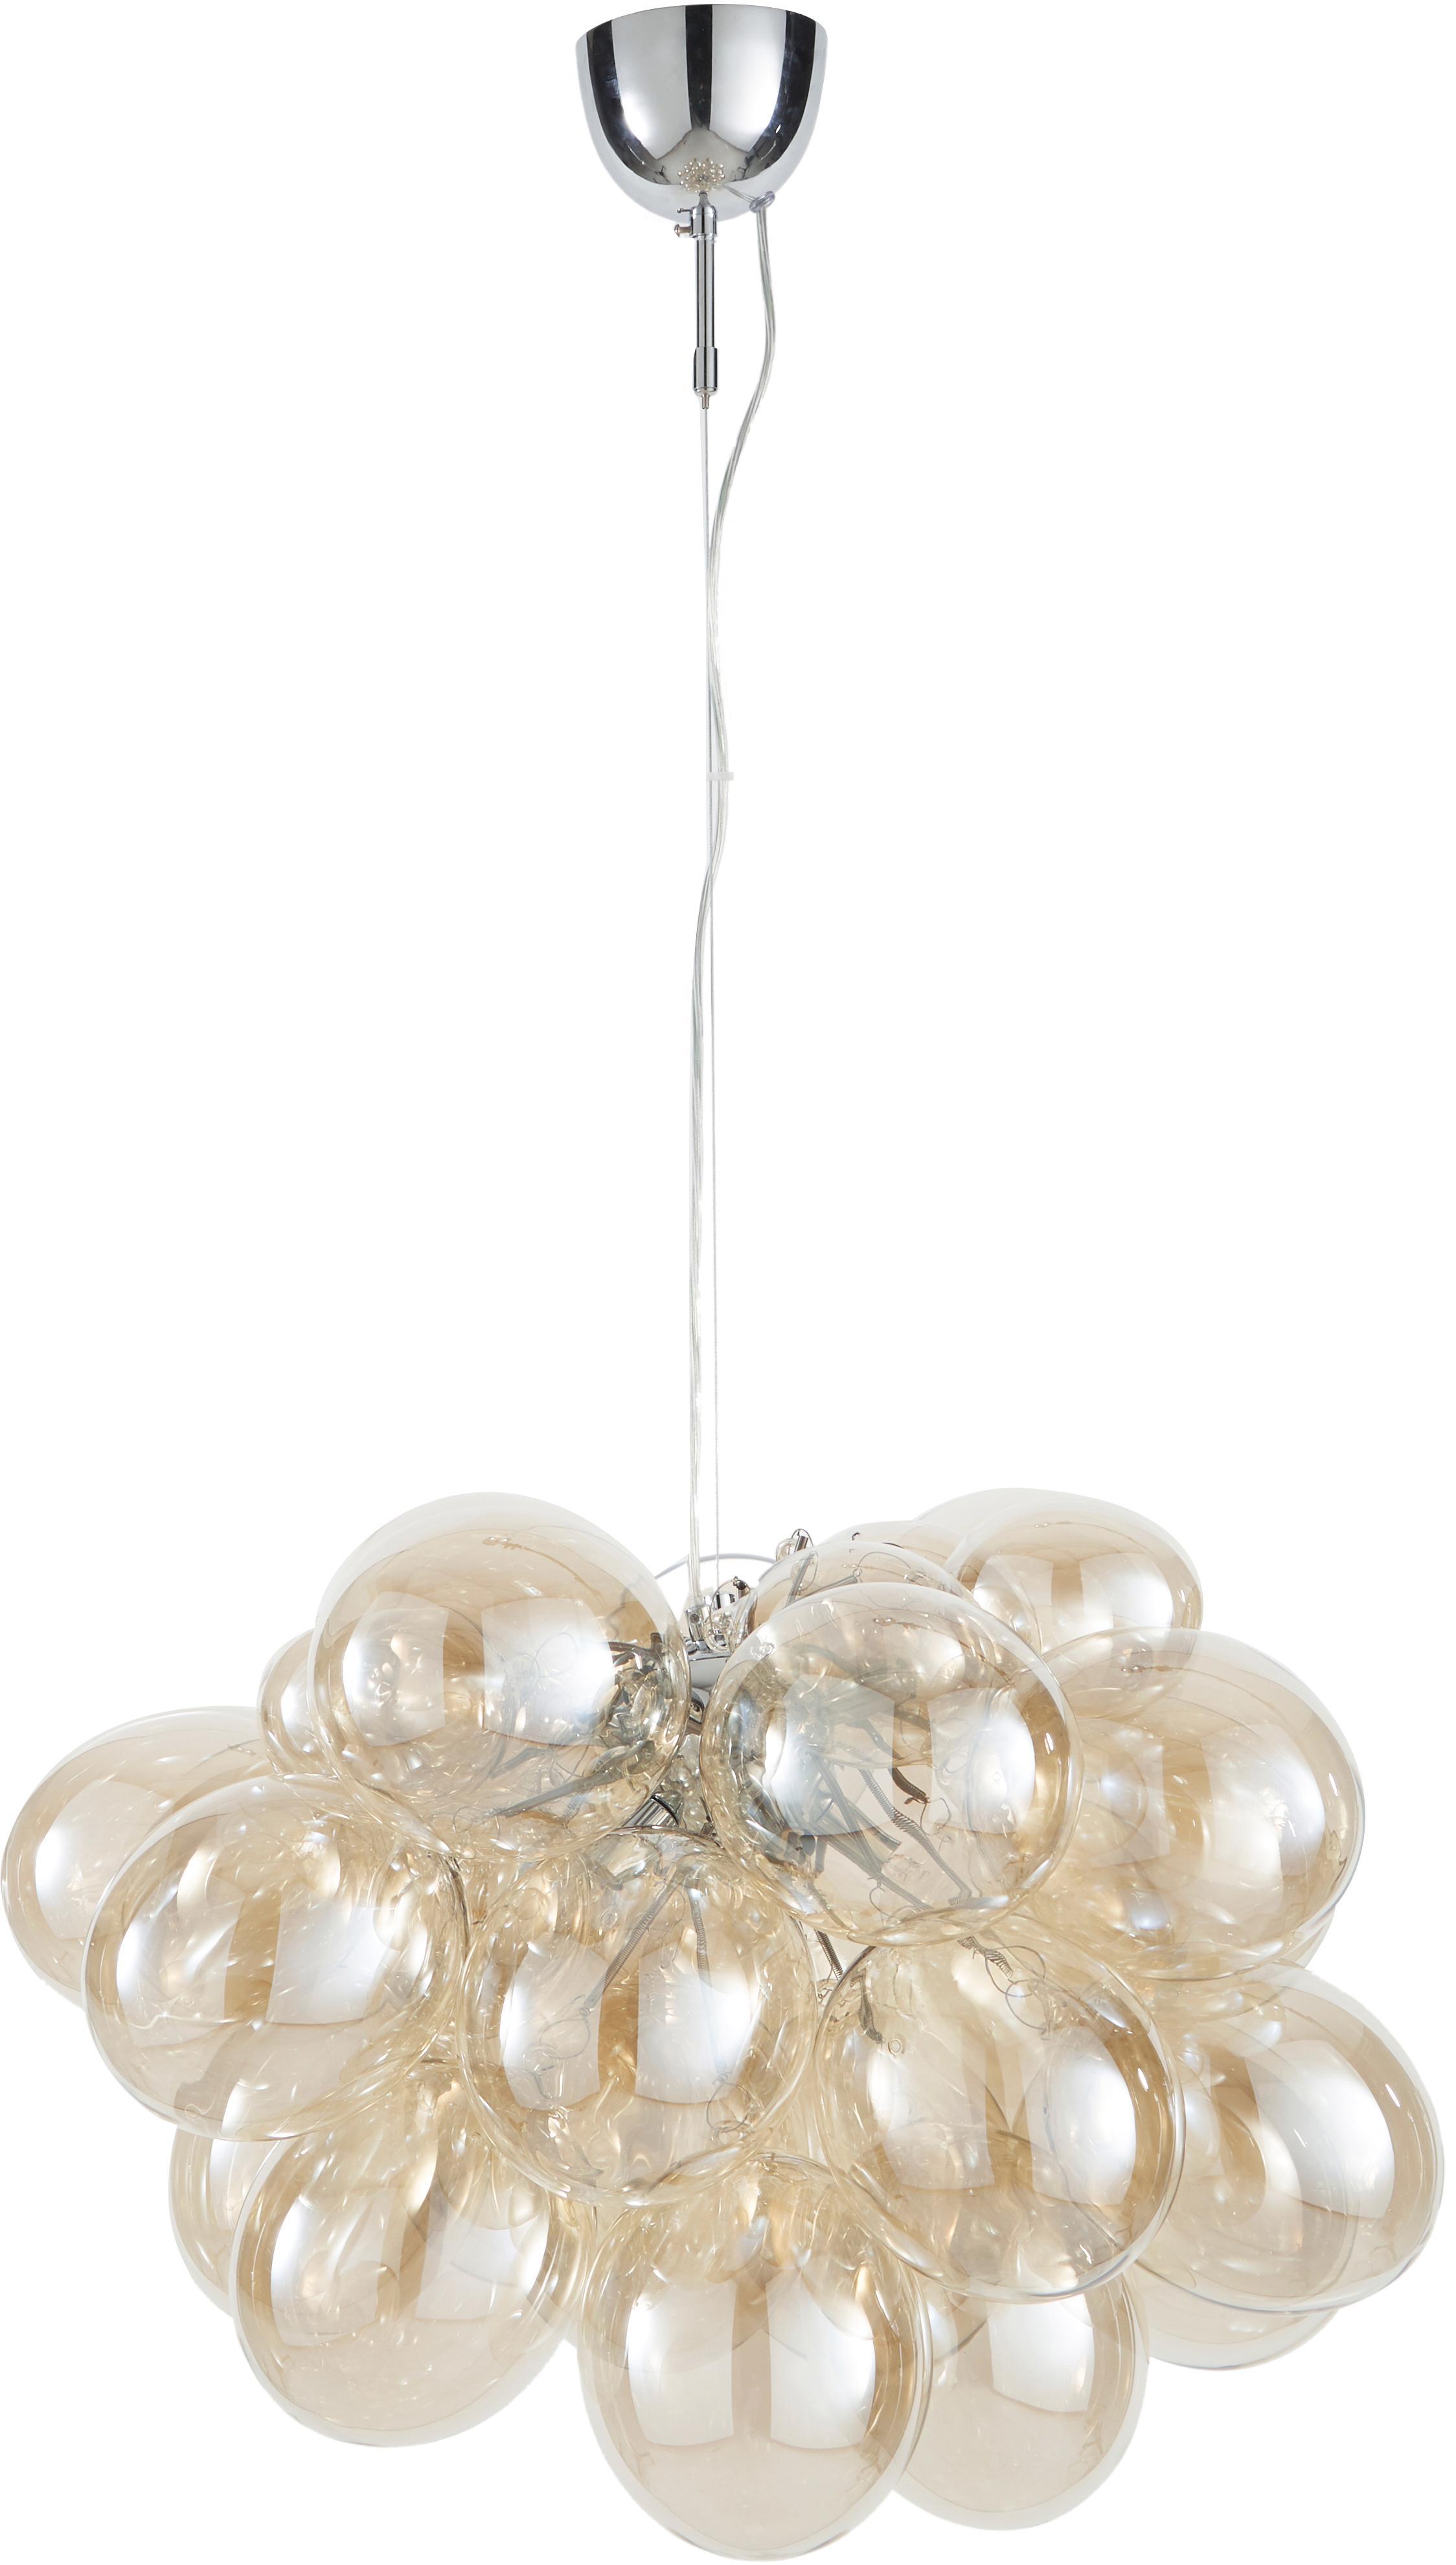 Lampada a sospensione con sfere di vetro Gross Grande, Ambra, Ø 62 x Alt. 50 cm